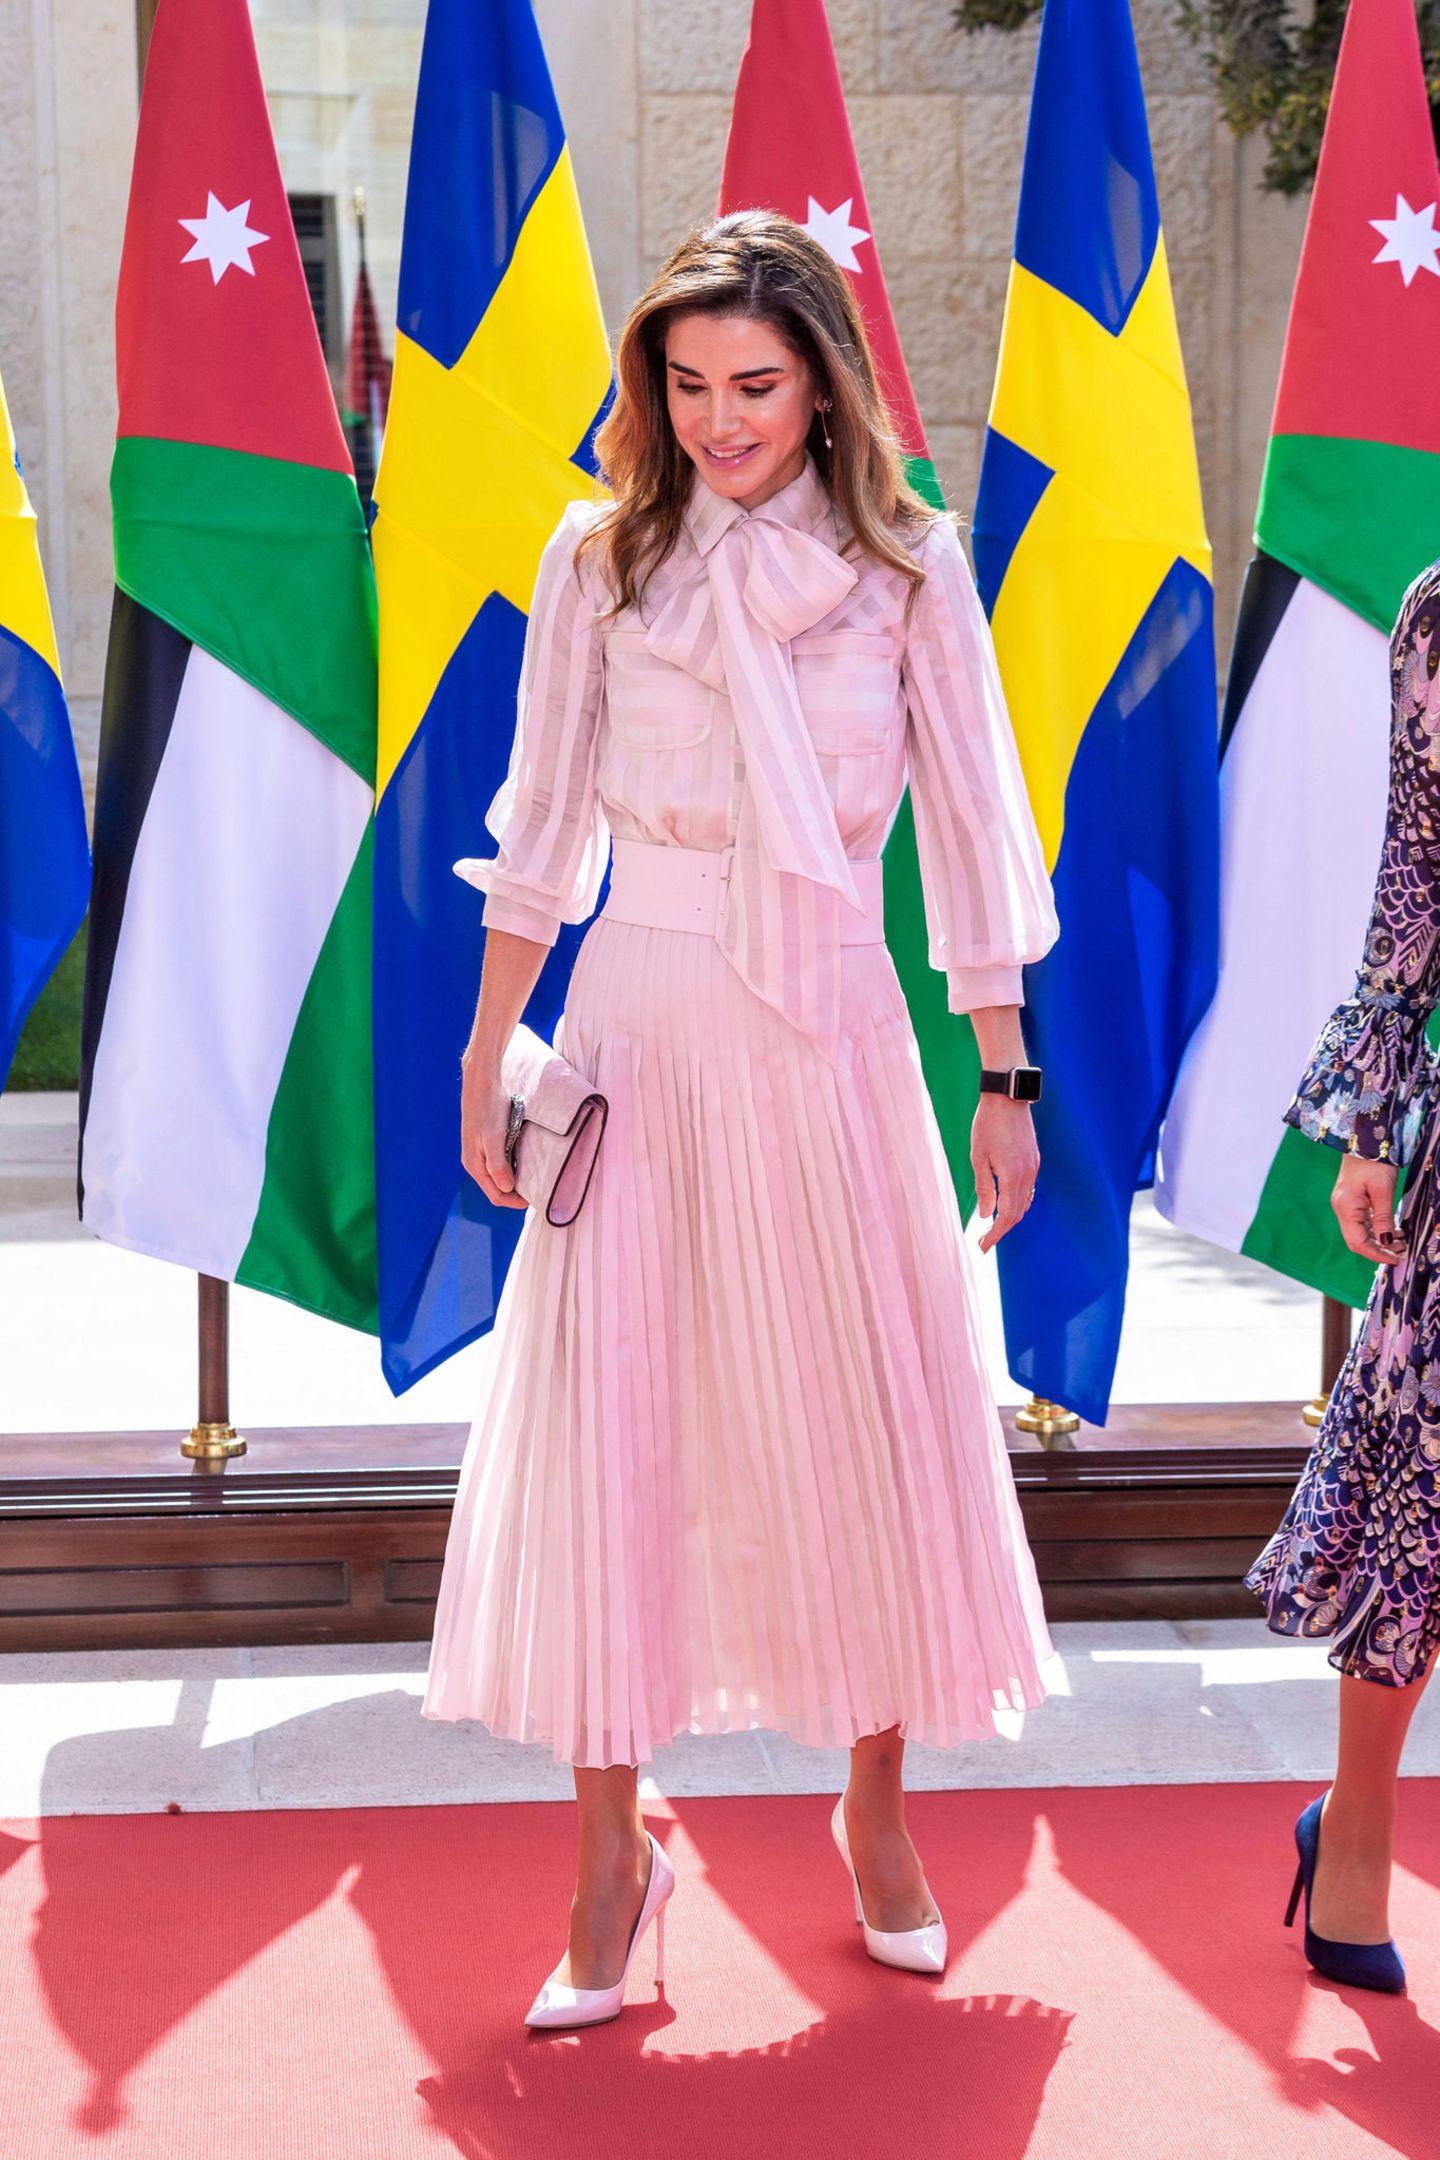 Königin Rania setzt auf einen einfarbigen, mädchenhaften Look. Sie trägt ein rosafarbenes Outfit des Luxus-Labels Ralph & Russo. Dazu kombiniert sie Accessoires in hellen Farbtönen.